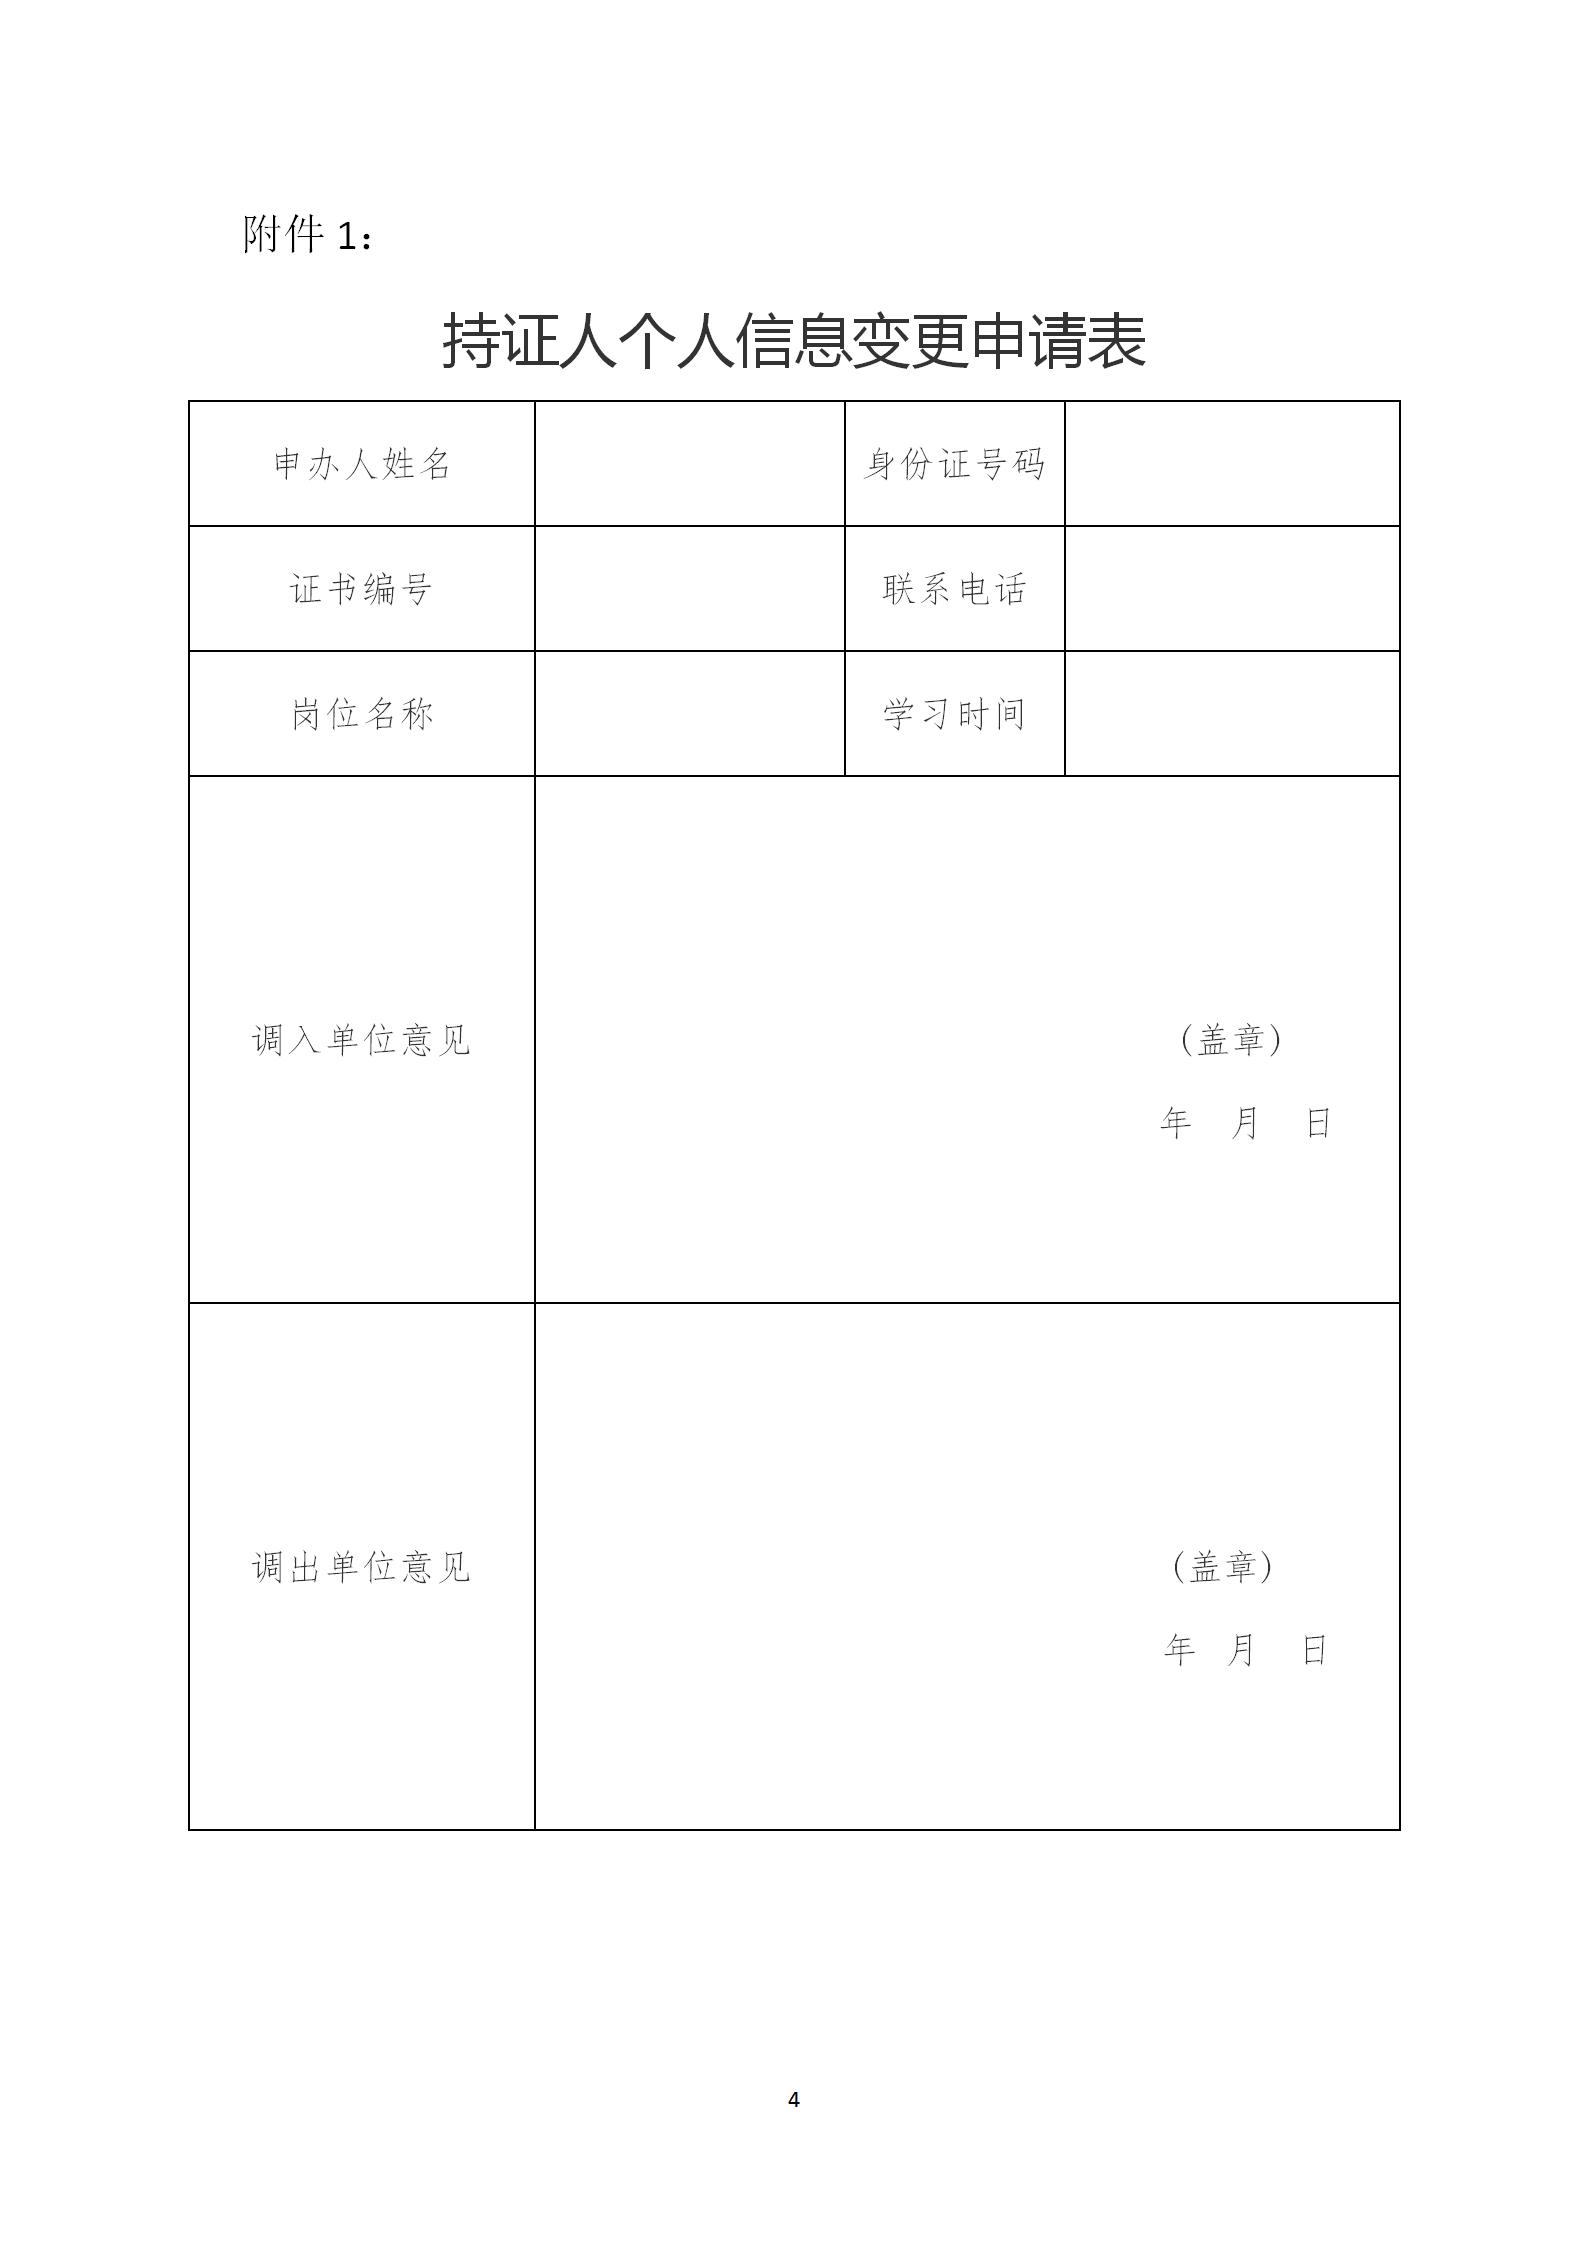 洪物协字[2020]18号关于印发《南昌市物业行业岗位证书管理办法(试行)》的通知_04.png